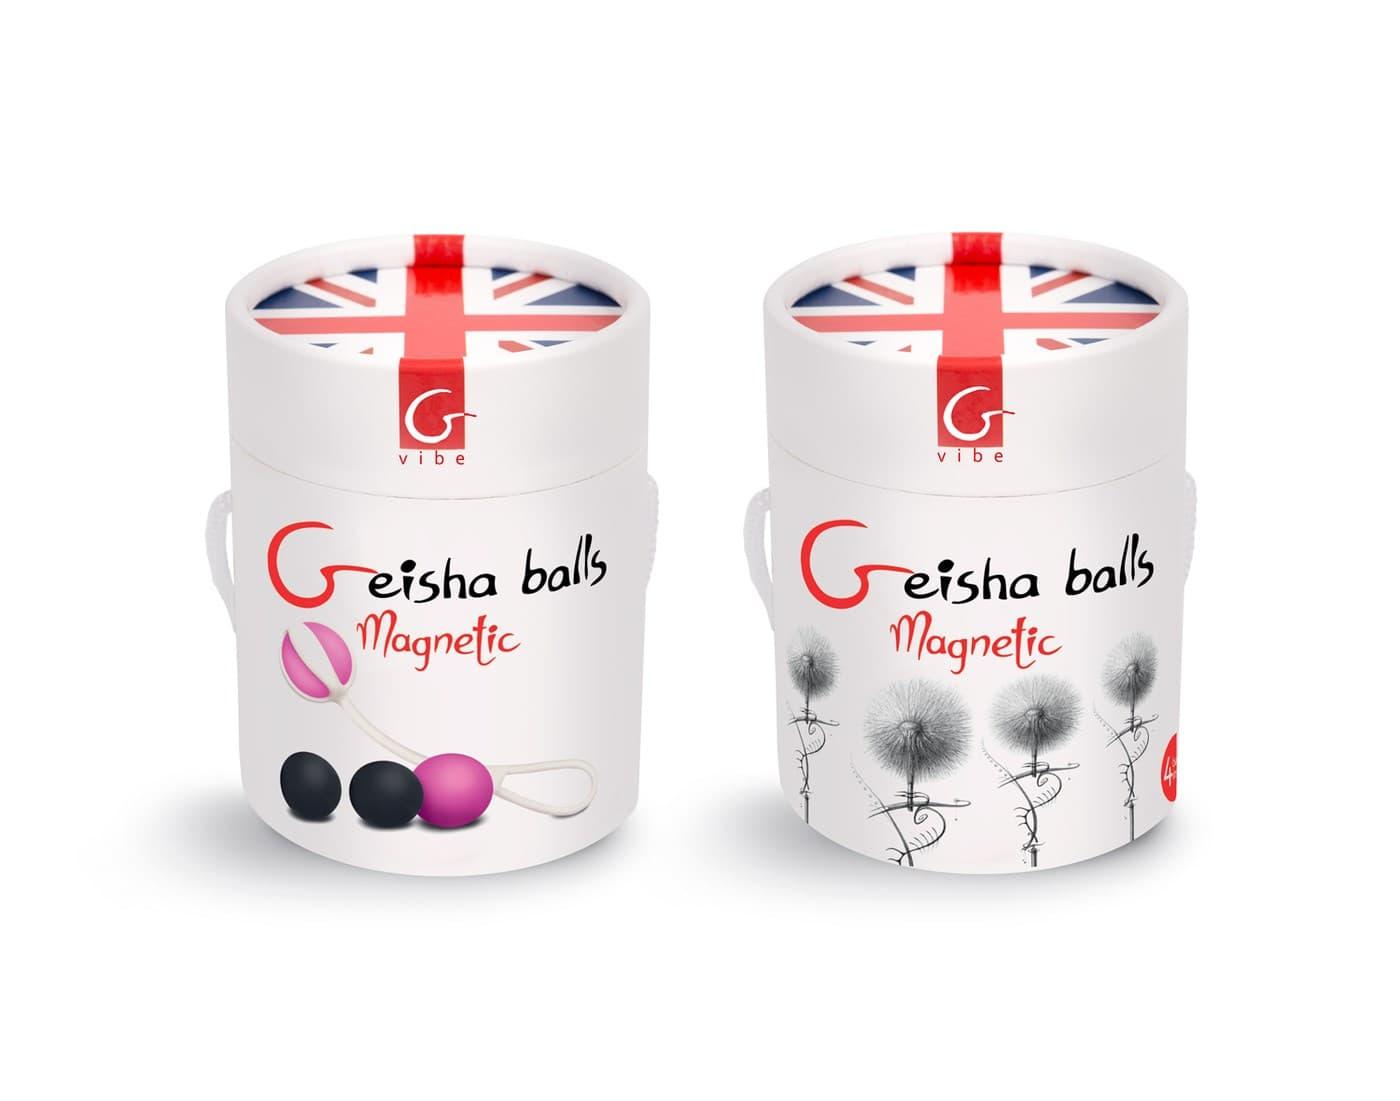 Gvibe Geisha Balls Magnetiс, Вагинальные Шарики - фото 18651